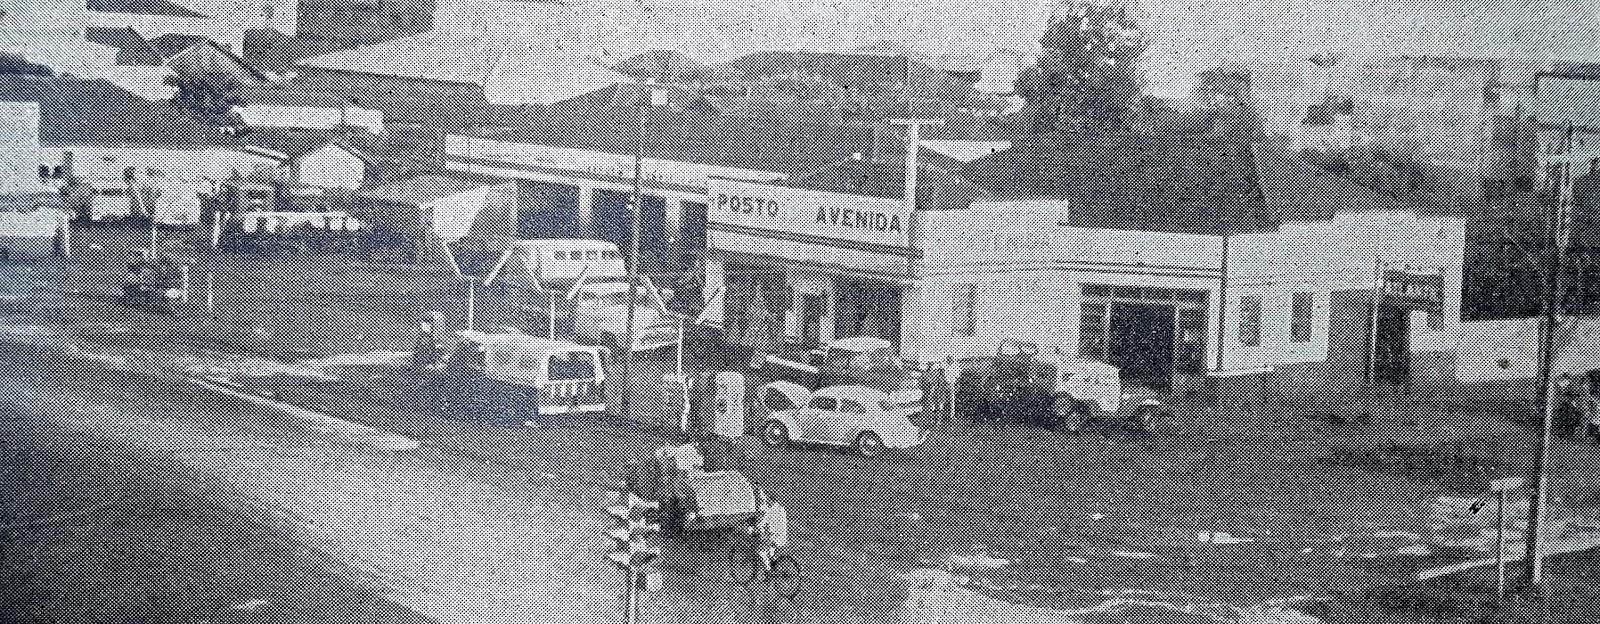 Posto Avenida - 1964